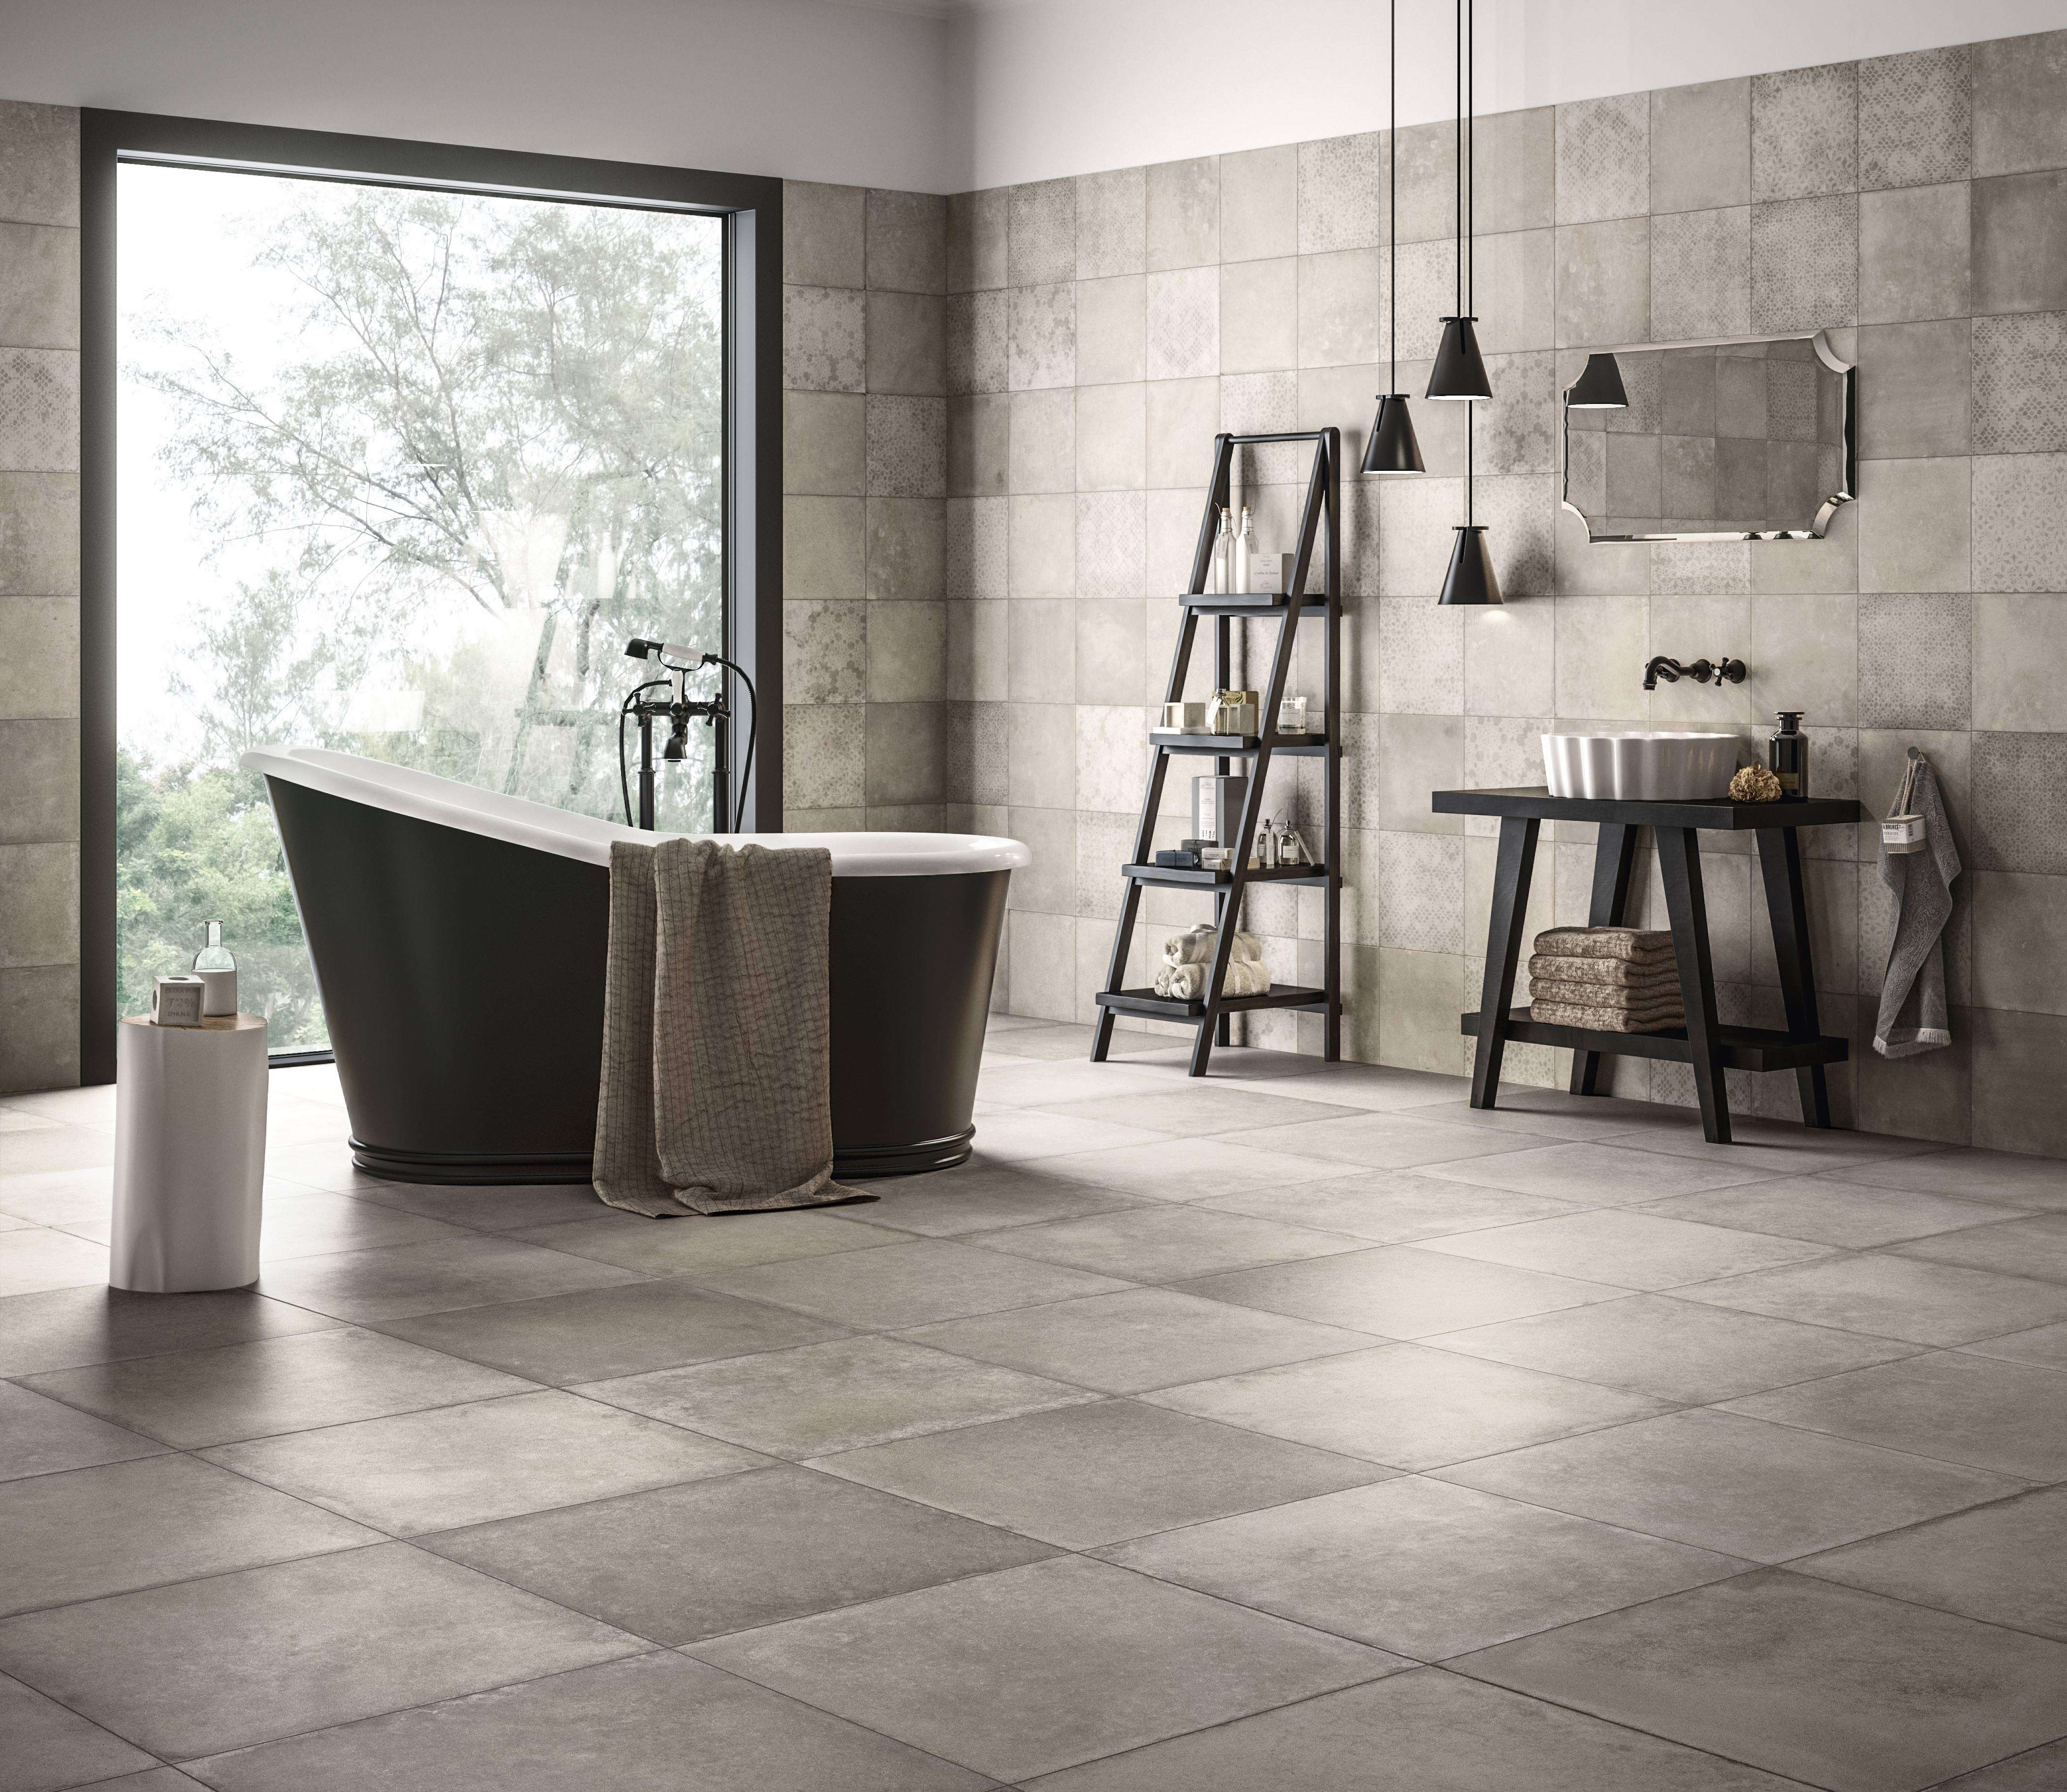 craft und epoque neue bodenfliesen im industrial look von ceramiche refin. Black Bedroom Furniture Sets. Home Design Ideas